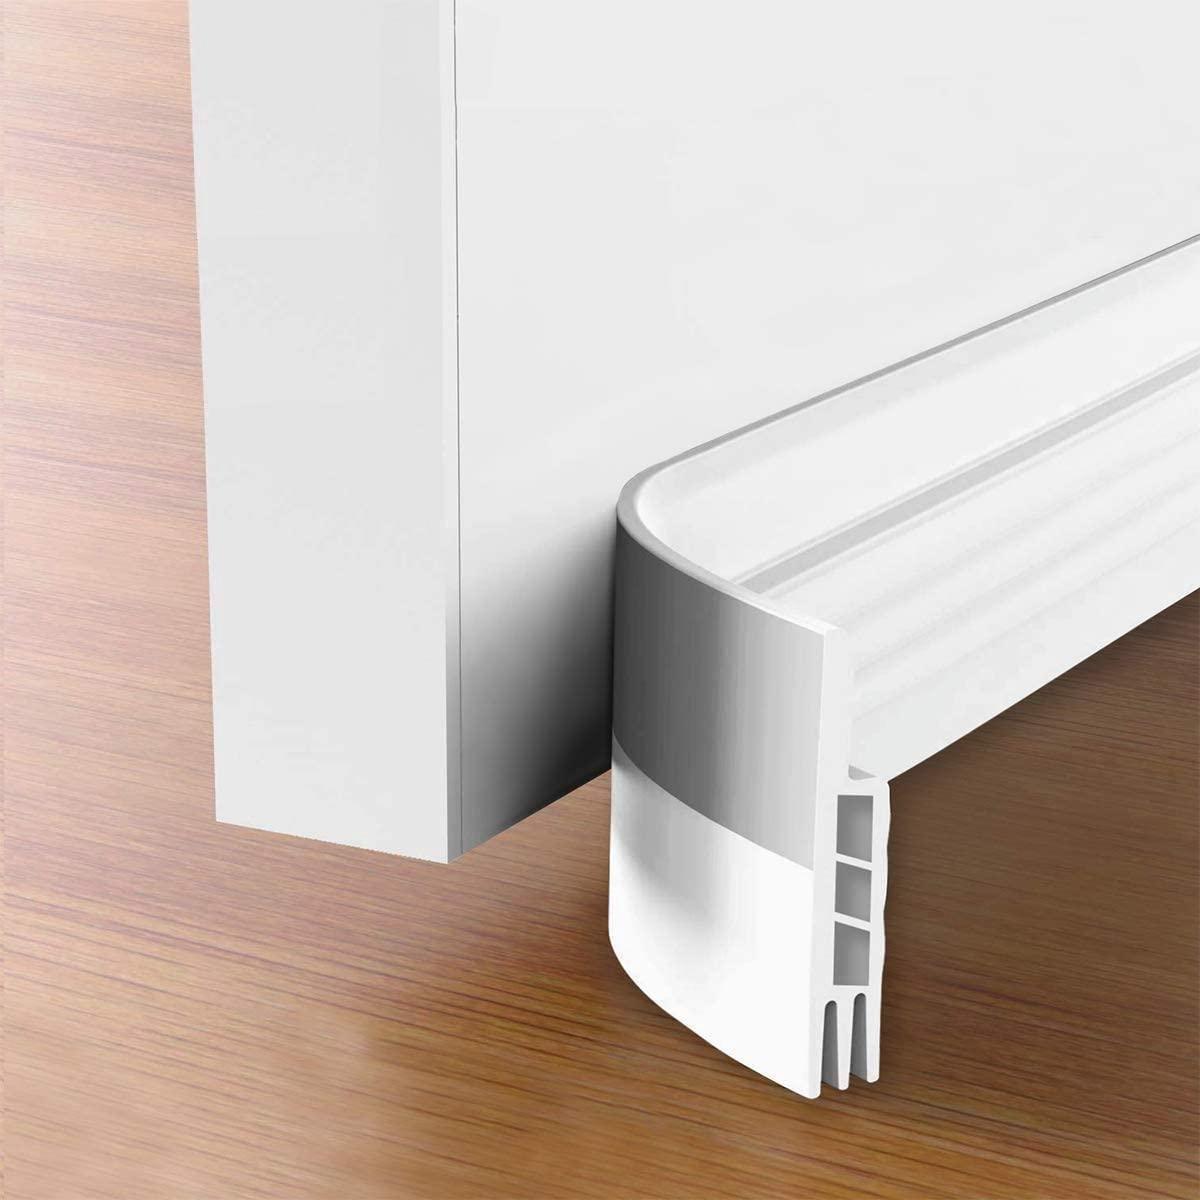 Tochtstrips voor deuren - Witte tochtstopper - tochtstrips zelfklevend